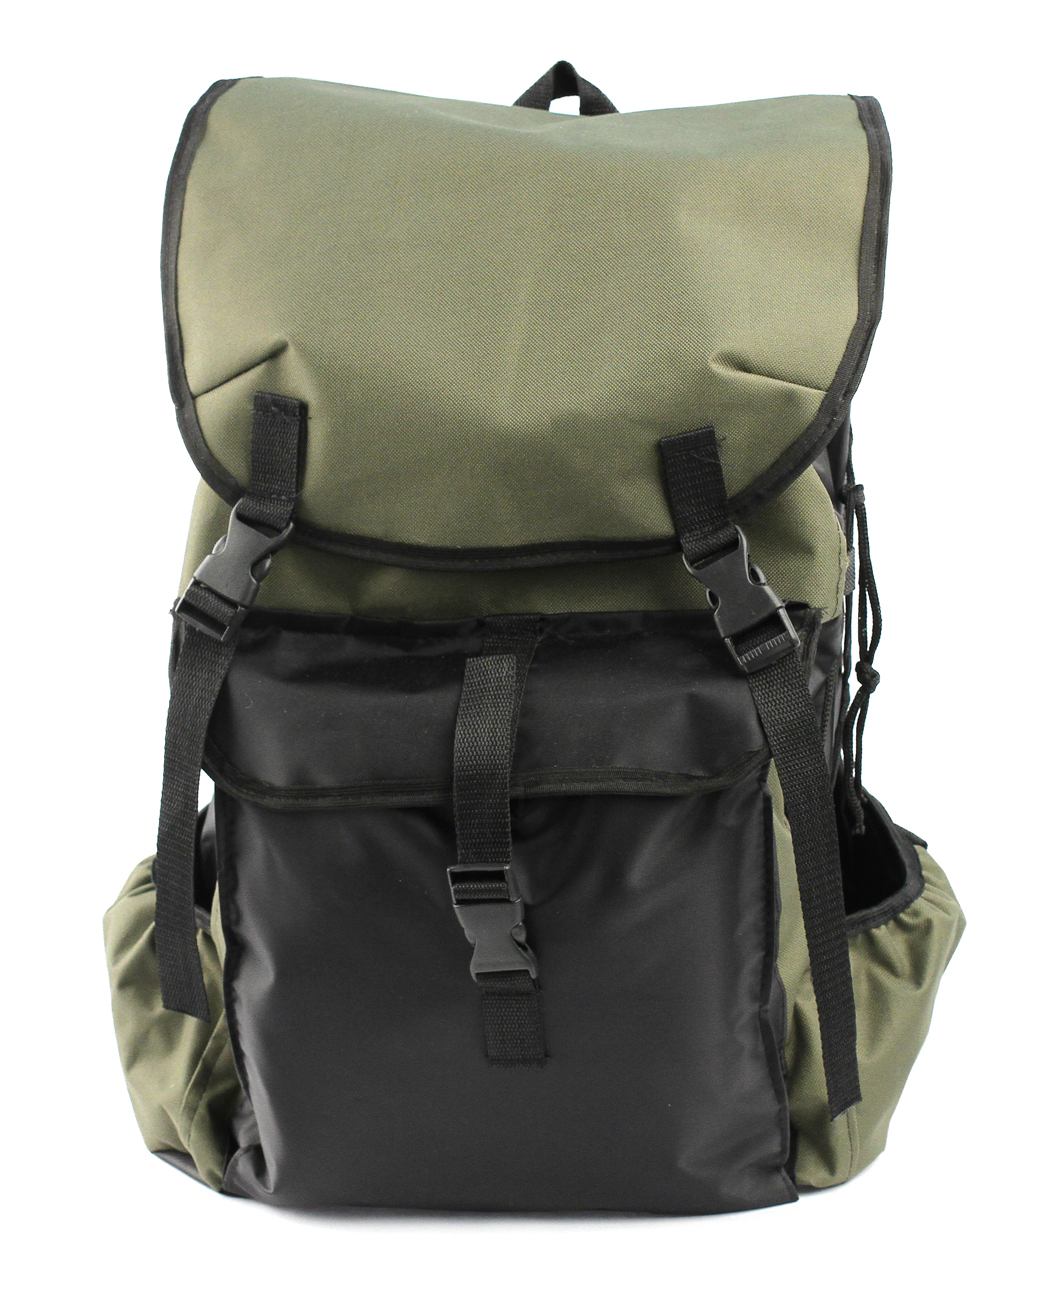 Рюкзак Рыбалка 60 литровРюкзаки<br>Недорогой практичный рюкзак РЫБАЛКА выполнен <br>из ткани оксфорд 600D с водоотталкивающей <br>пропиткой, которая защищает от осадков <br>и облегчает чистку изделия. Упрощенная <br>конструкция имеет один основной отсек, <br>горловина которого утягивается шнуром <br>и фиксируется при помощи кулиски. Для максимальной <br>защиты рюкзак закрывается откидным клапаном <br>с фиксацией на два ремешка с фастексами. <br>Извне имеются три накладных карман. По бокам <br>предусмотрена шнуровка для утяжки. Анатомическая <br>прокладка на спинке. Плечевые лямки регулируются <br>по росту. Подходит для охоты, рыбалки и активного <br>отдыха.<br>